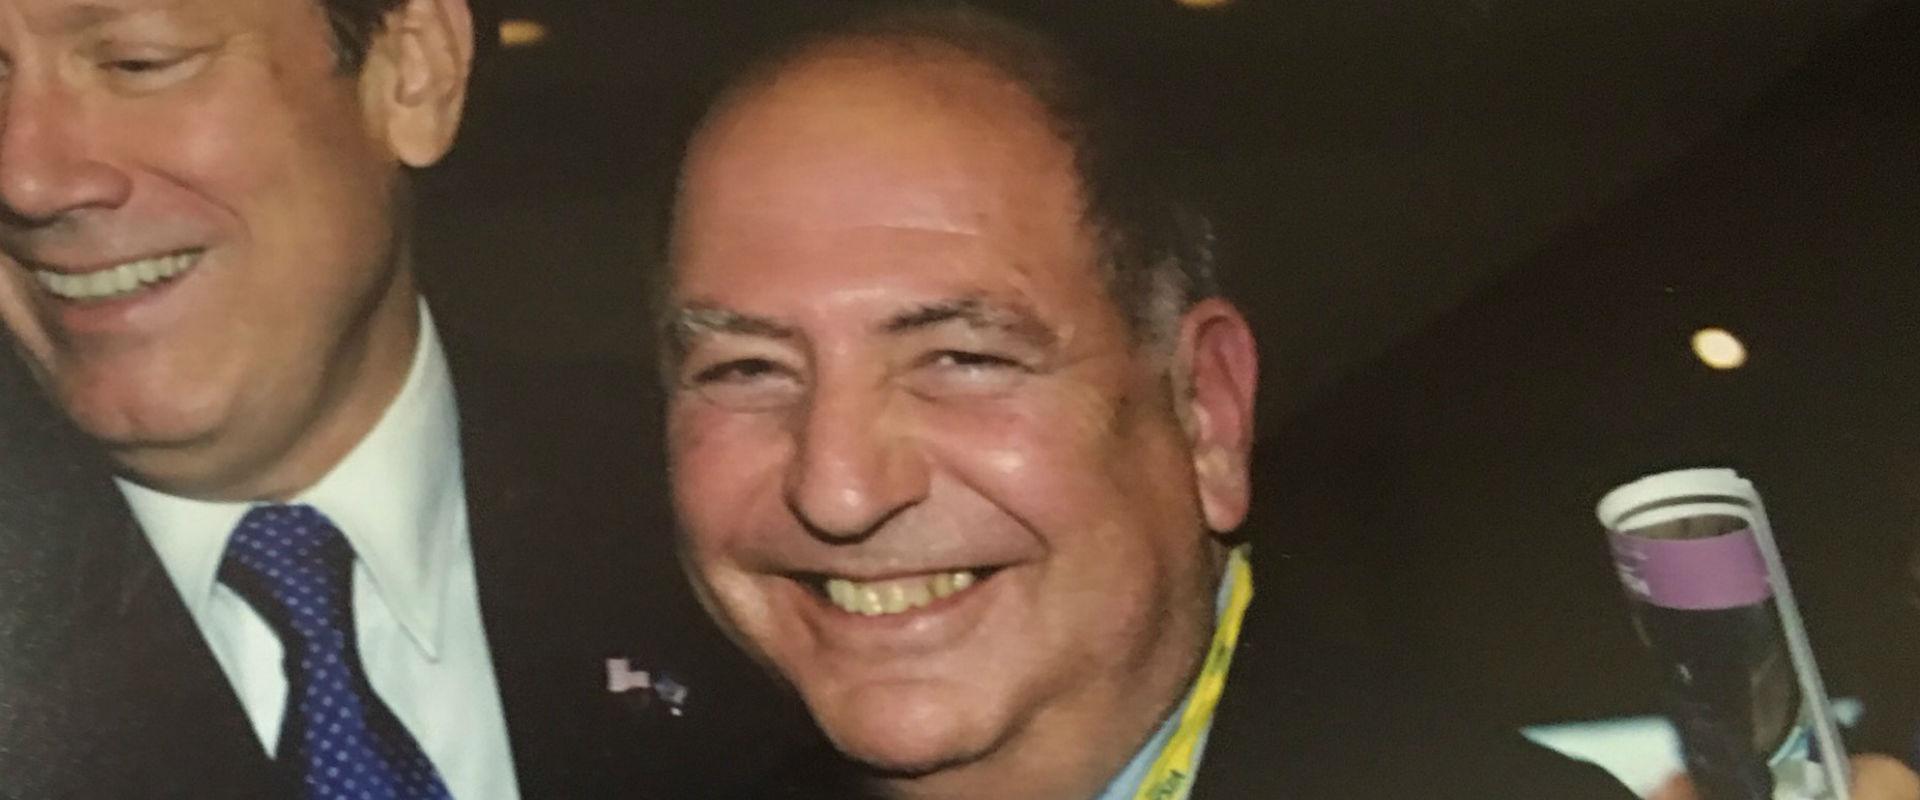 יועץ התקשורת ארתור פינקלשטיין